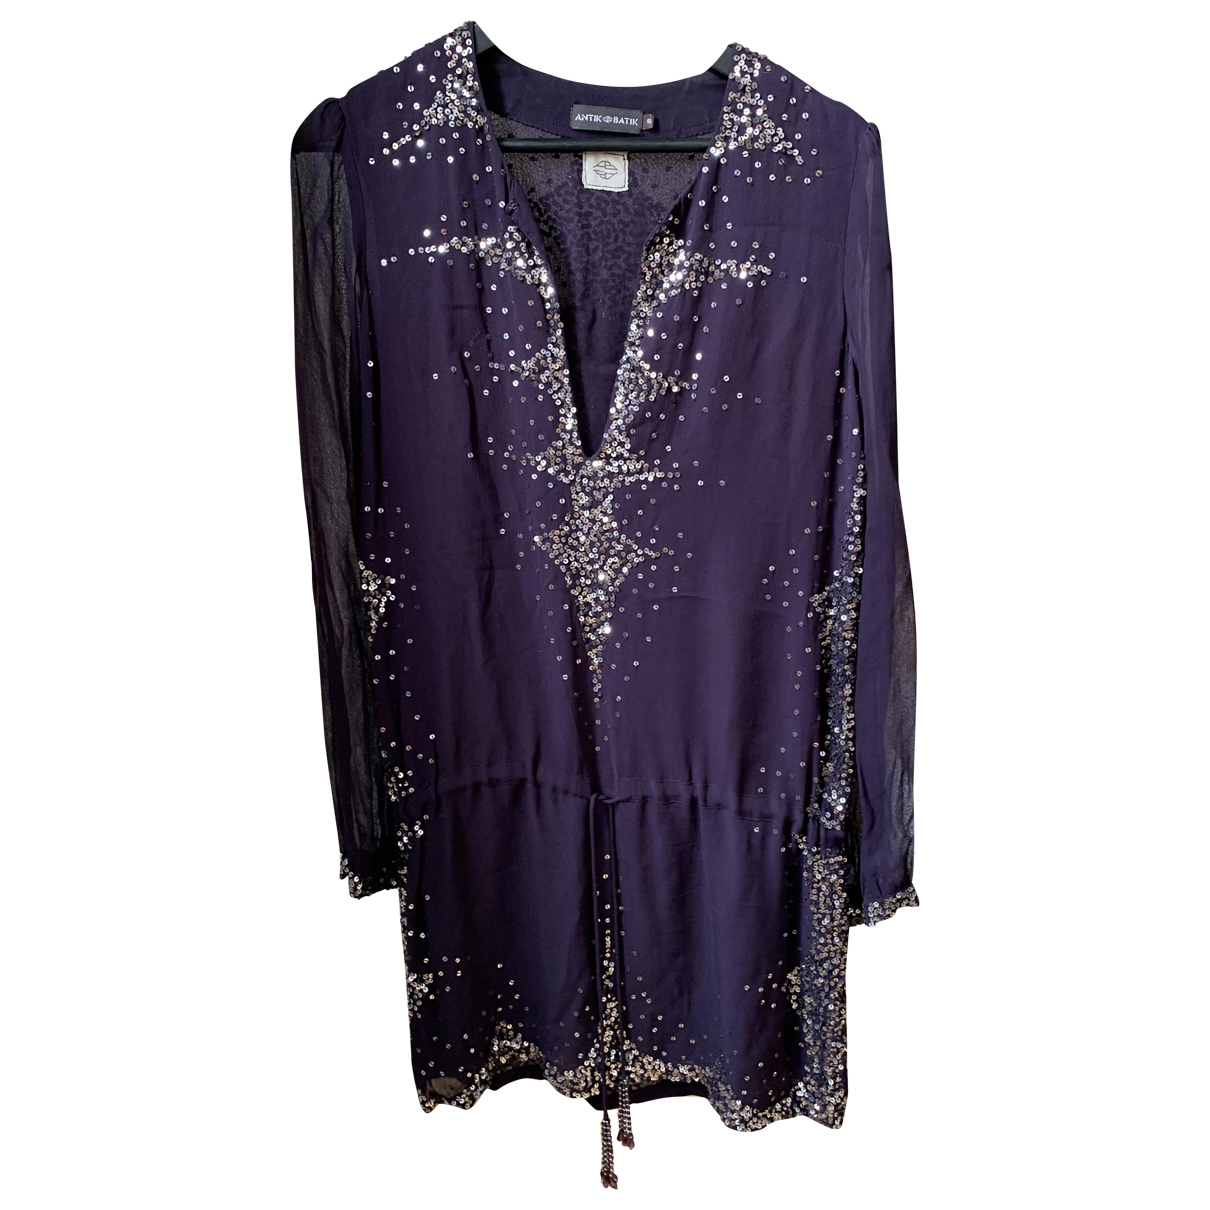 Antik Batik \N Kleid in  Lila Mit Pailletten